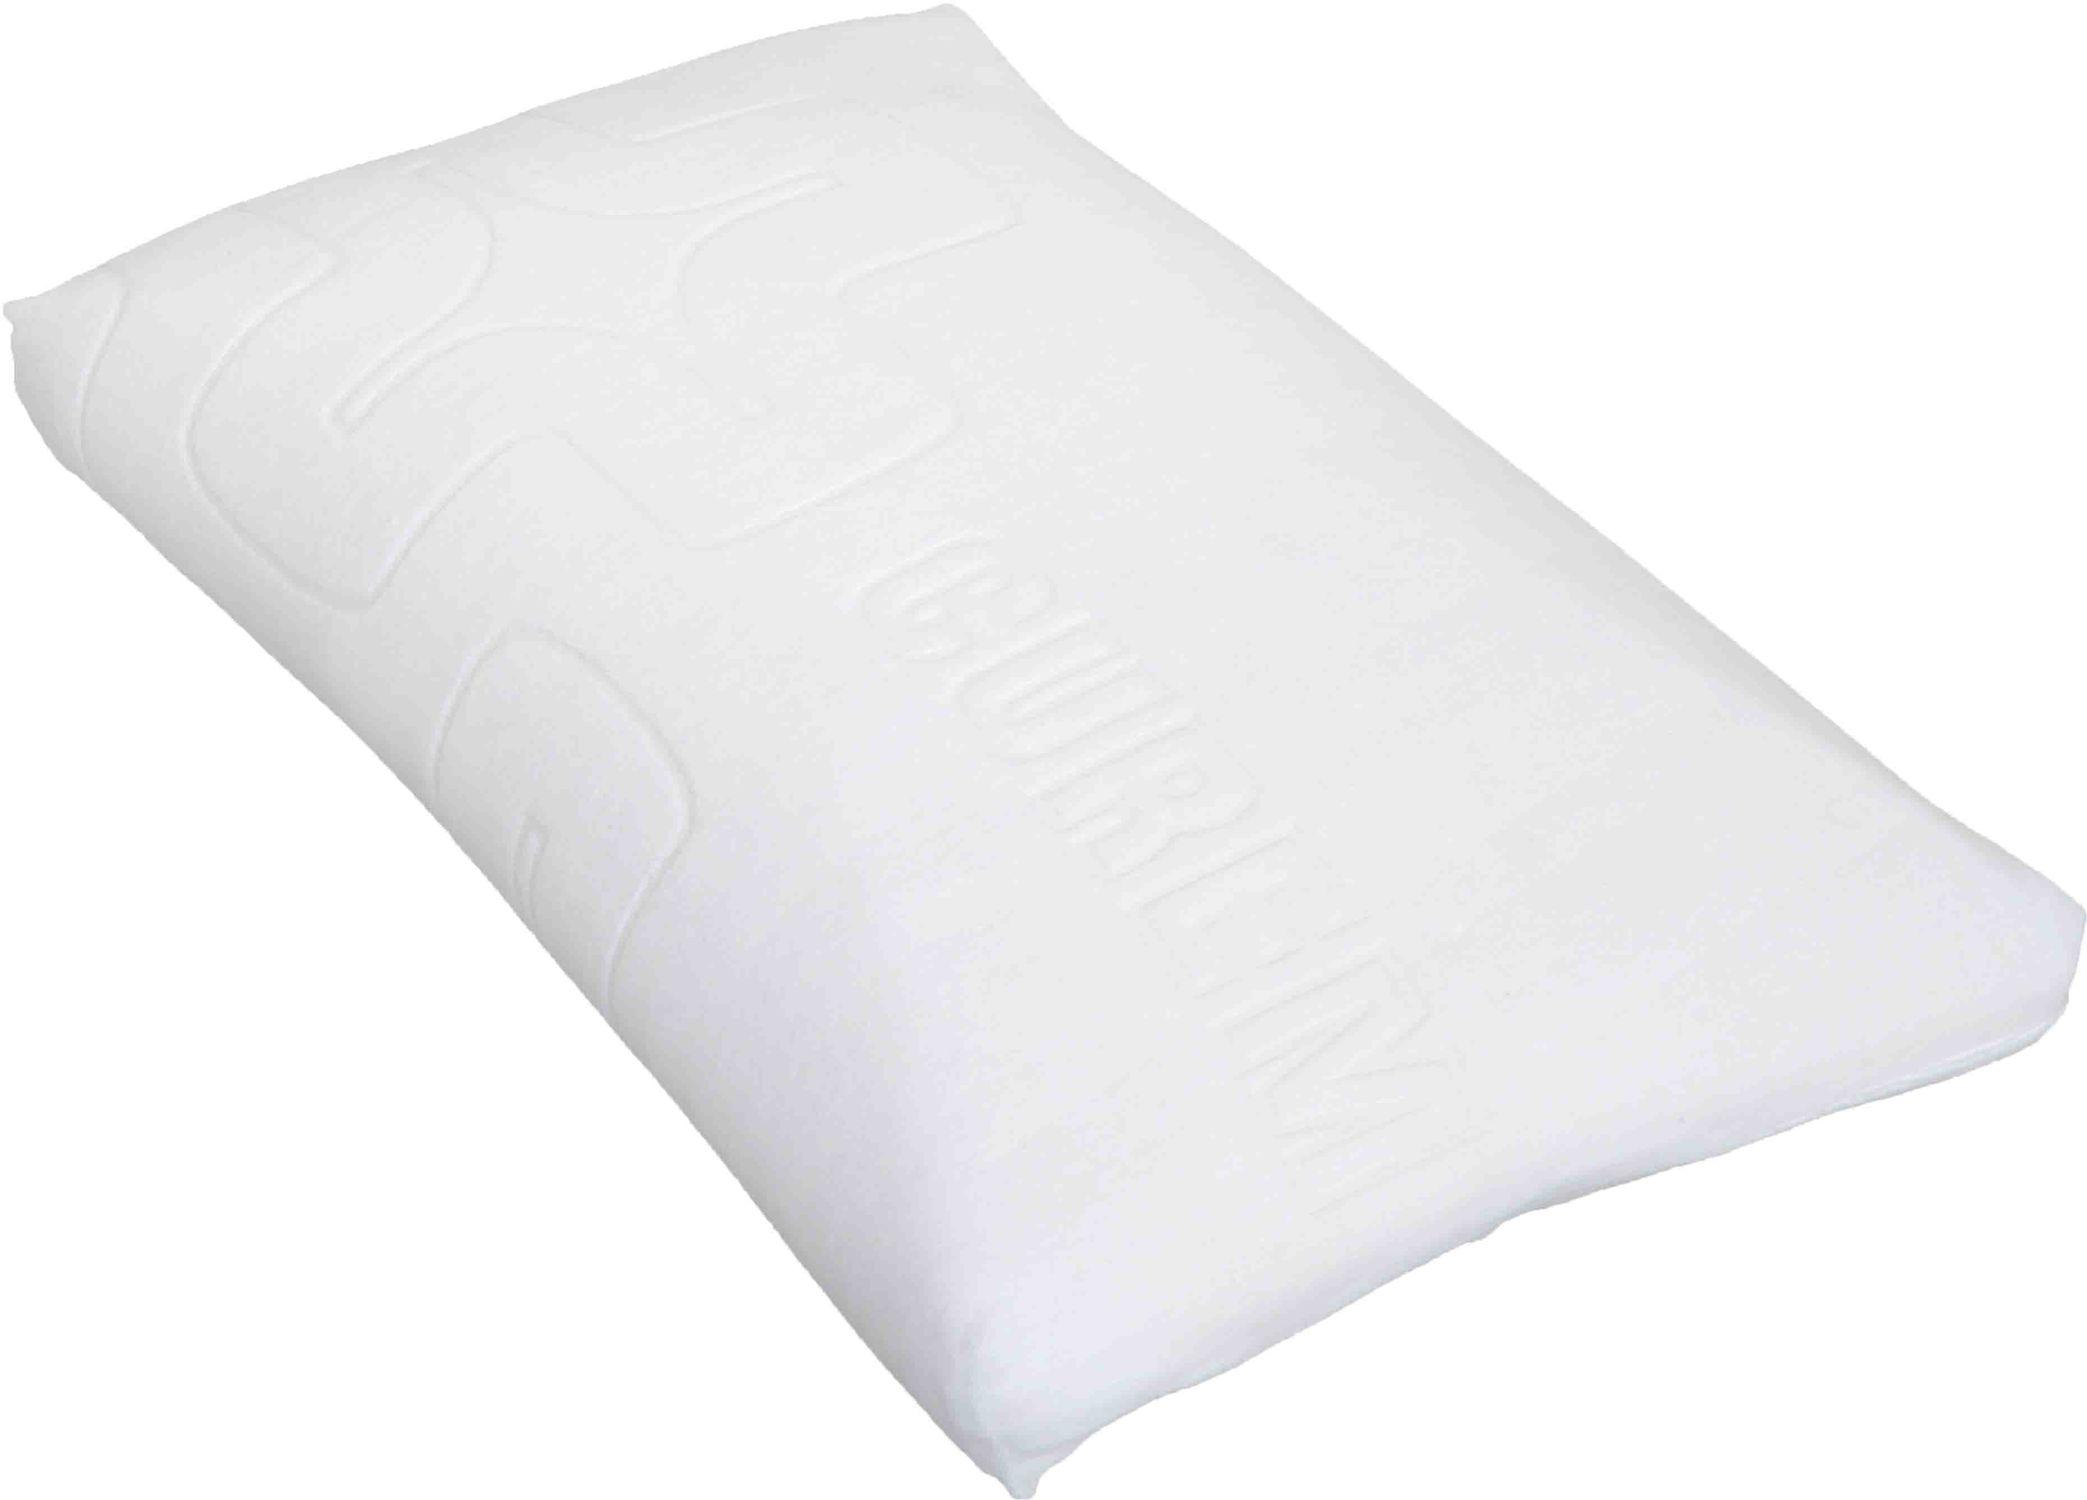 Curem Symphony Pillow - 60 x 40 x 13 cm - Curem